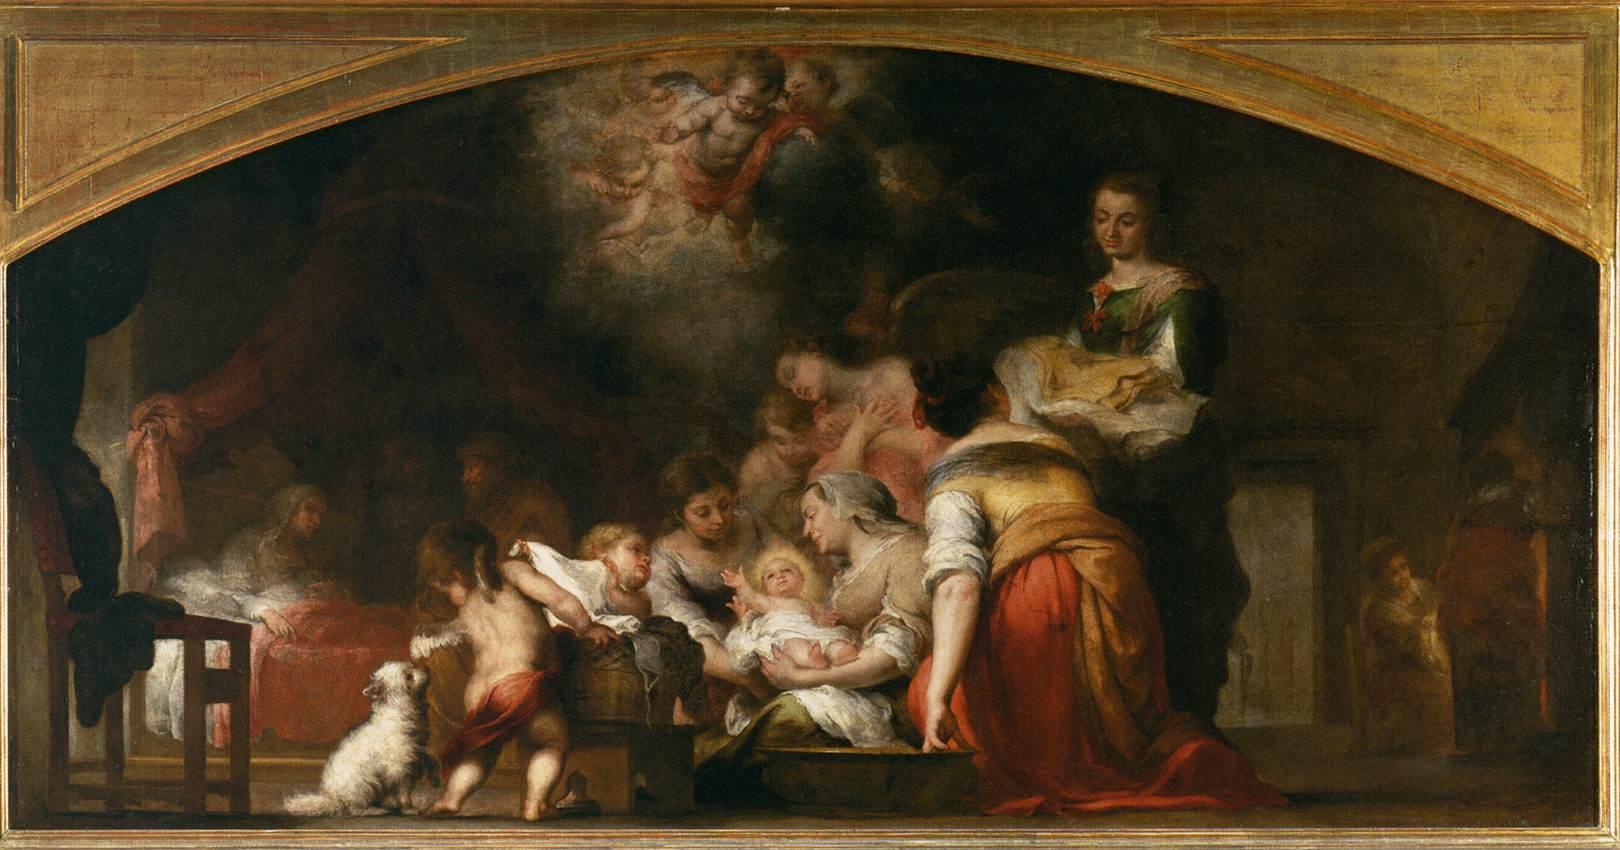 Bartolomé Esteban Perez Murillo: Jomfru Marias fødsel, Louvre, Paris